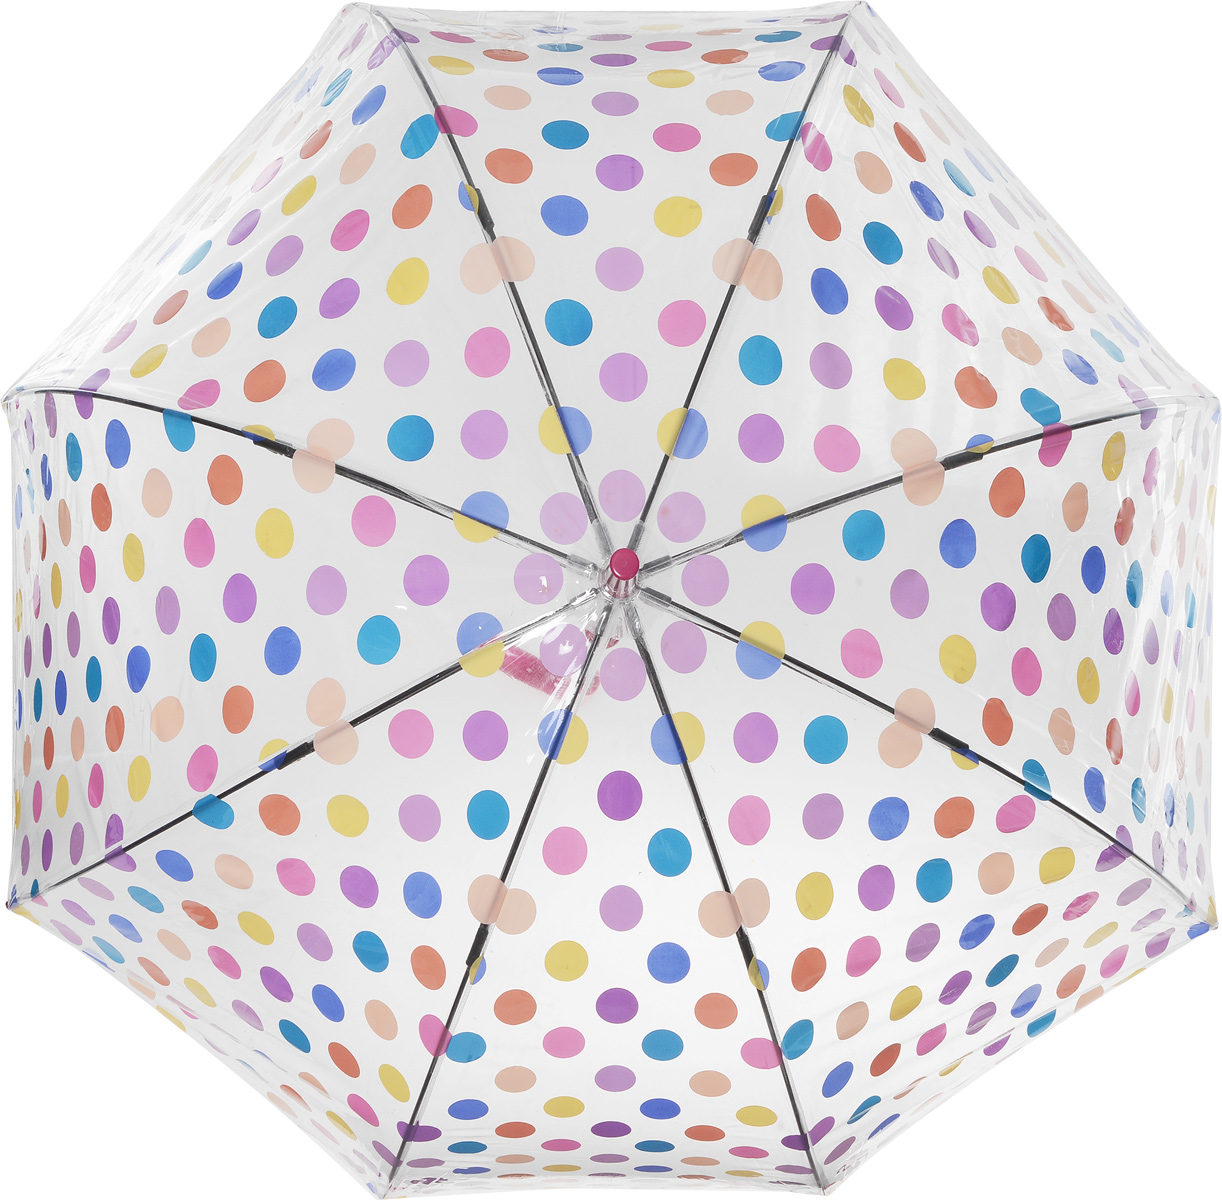 Зонт-трость женский Small Spots, механический, цвет: сиреневый8B035000M/18075/3900NСтильный куполообразный зонт-трость Small Spots, закрывающий голову и плечи, даже в ненастную погоду позволит вам оставаться элегантной. Каркас зонта выполнен из 8 спиц из фибергласса, стержень изготовлен из стали. Купол зонта выполнен из прозрачного ПВХ и оформлен принтом в горошек. Рукоятка закругленной формы разработана с учетом требований эргономики и изготовлена из пластика. Зонт имеет механический тип сложения: купол открывается и закрывается вручную до характерного щелчка.Такой зонт не только надежно защитит вас от дождя, но и станет стильным аксессуаром. Характеристики:Материал: ПВХ, сталь, фибергласс, пластик. Диаметр купола: 89 см.Цвет: сиреневый. Длина стержня зонта: 84 см. Длина зонта (в сложенном виде): 94 см.Вес: 540 г. Артикул:L042 3F2645.